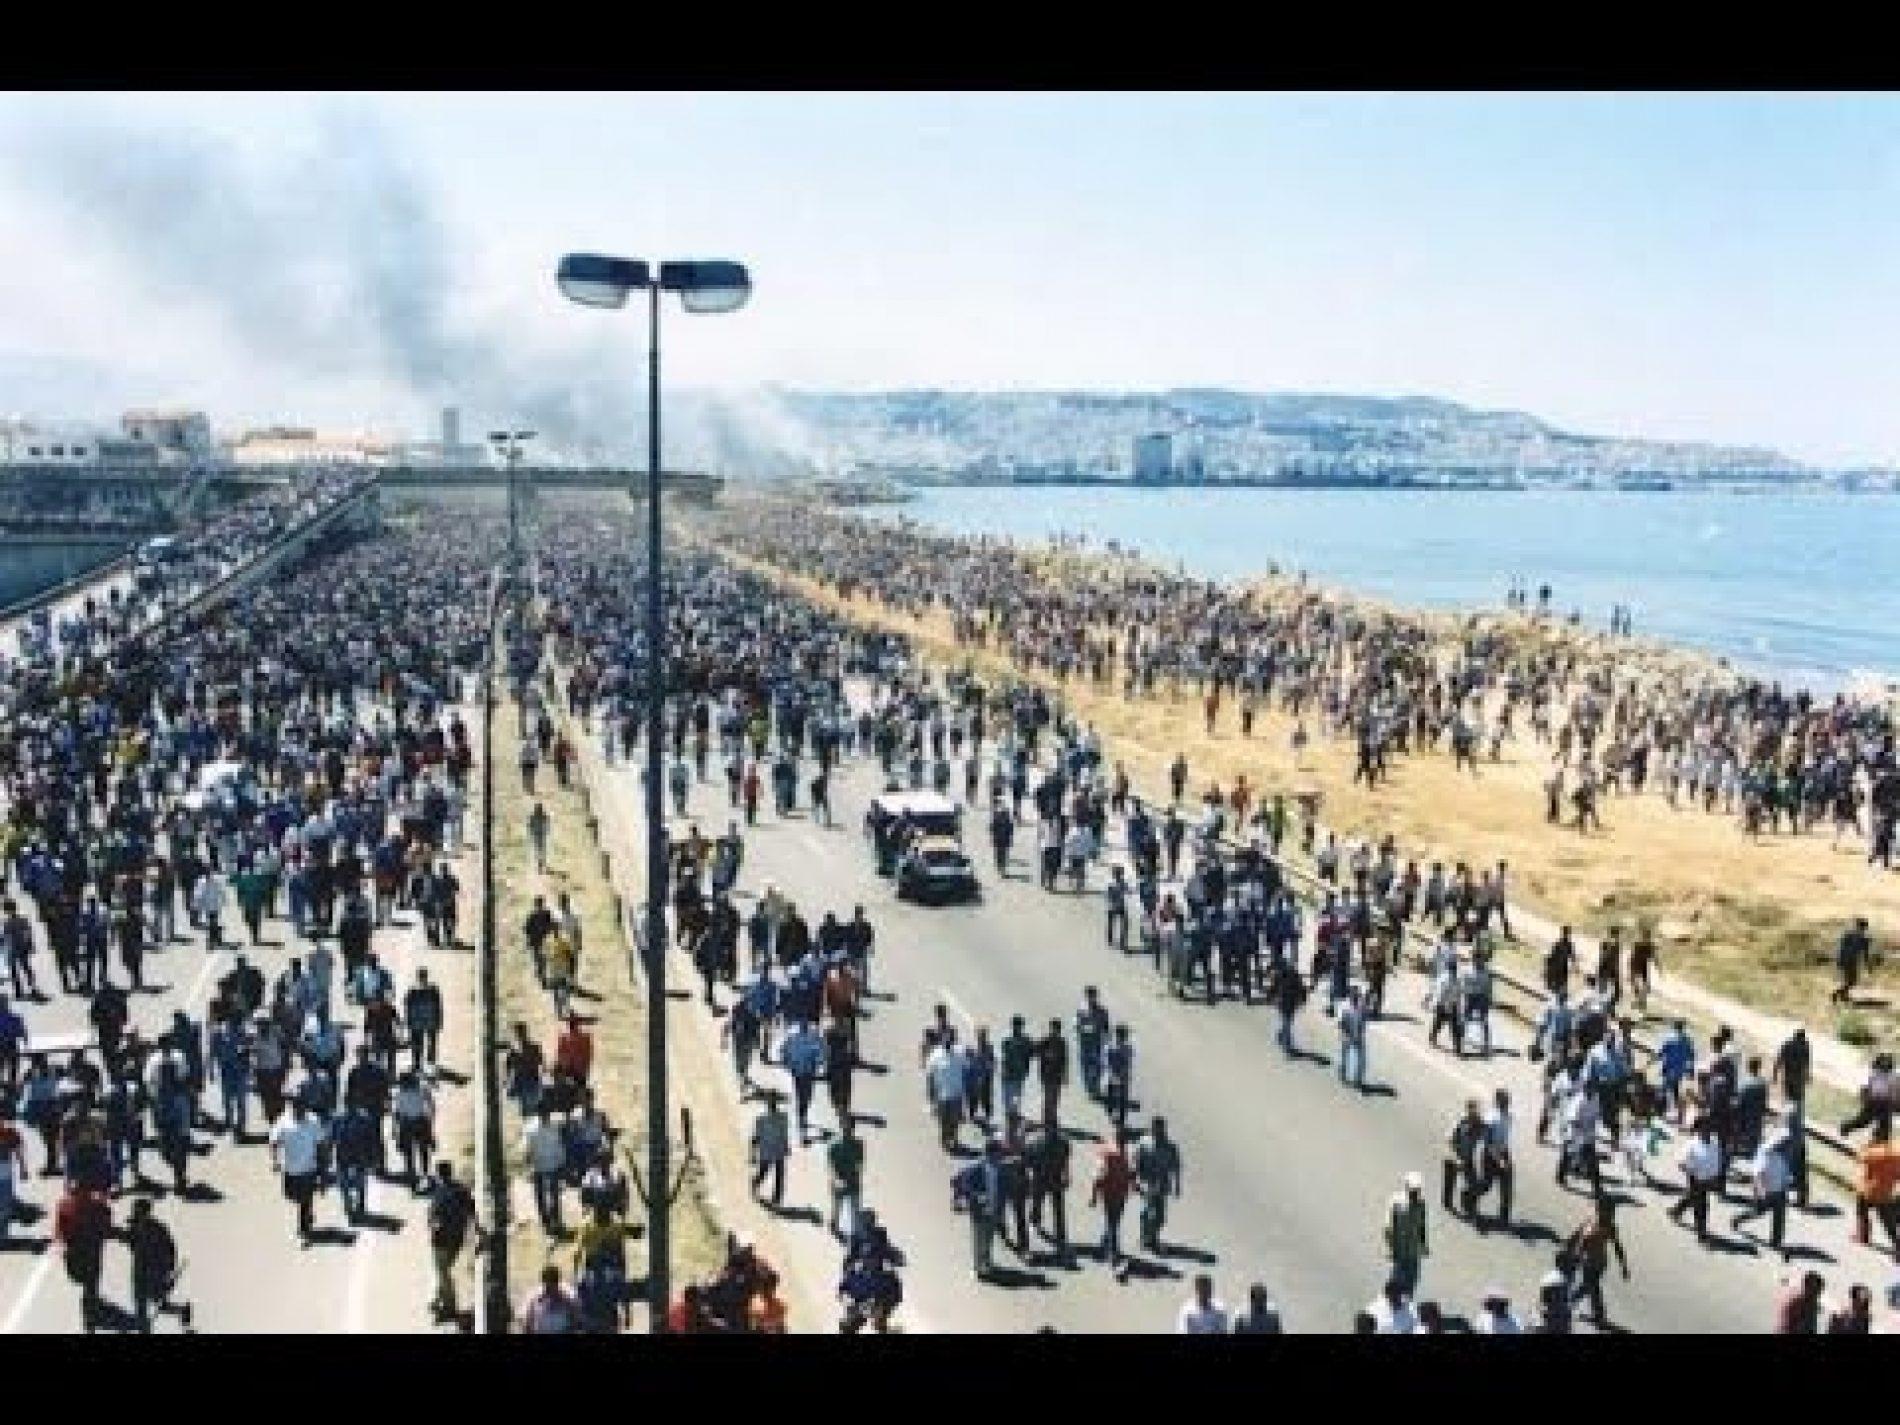 14 JUIN 2001 : LA « MARCHE NOIRE »